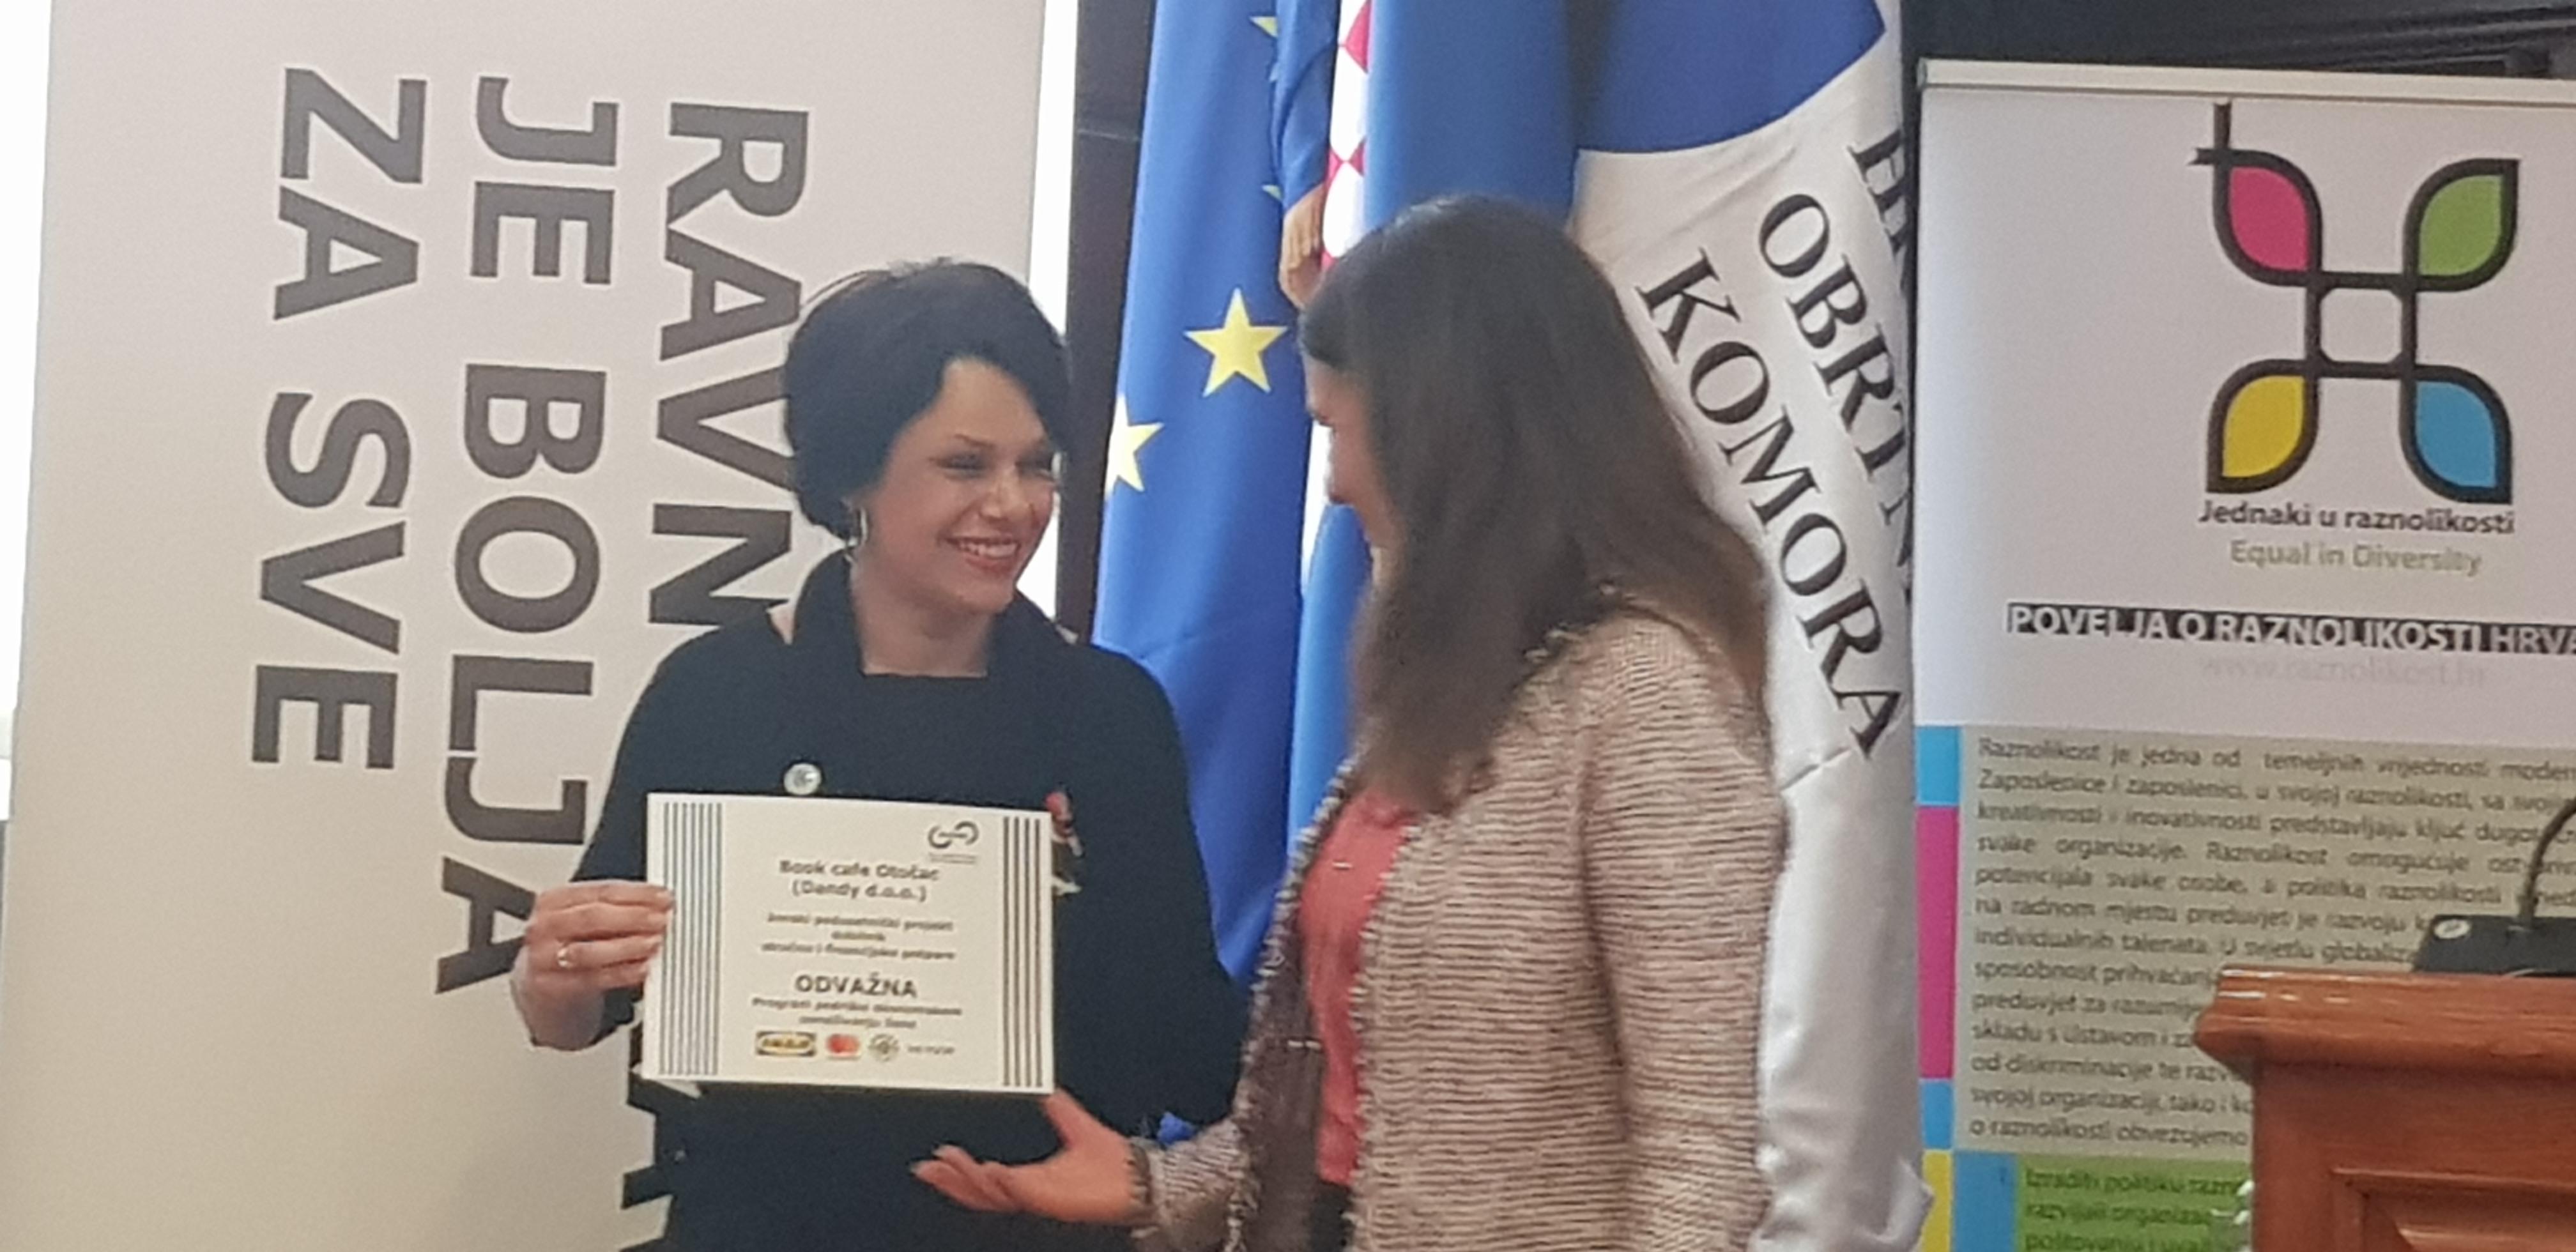 """Photo of Otočanka Tamara Jurković dobitnica financijske potpore u okviru programa """"Odvažna"""""""